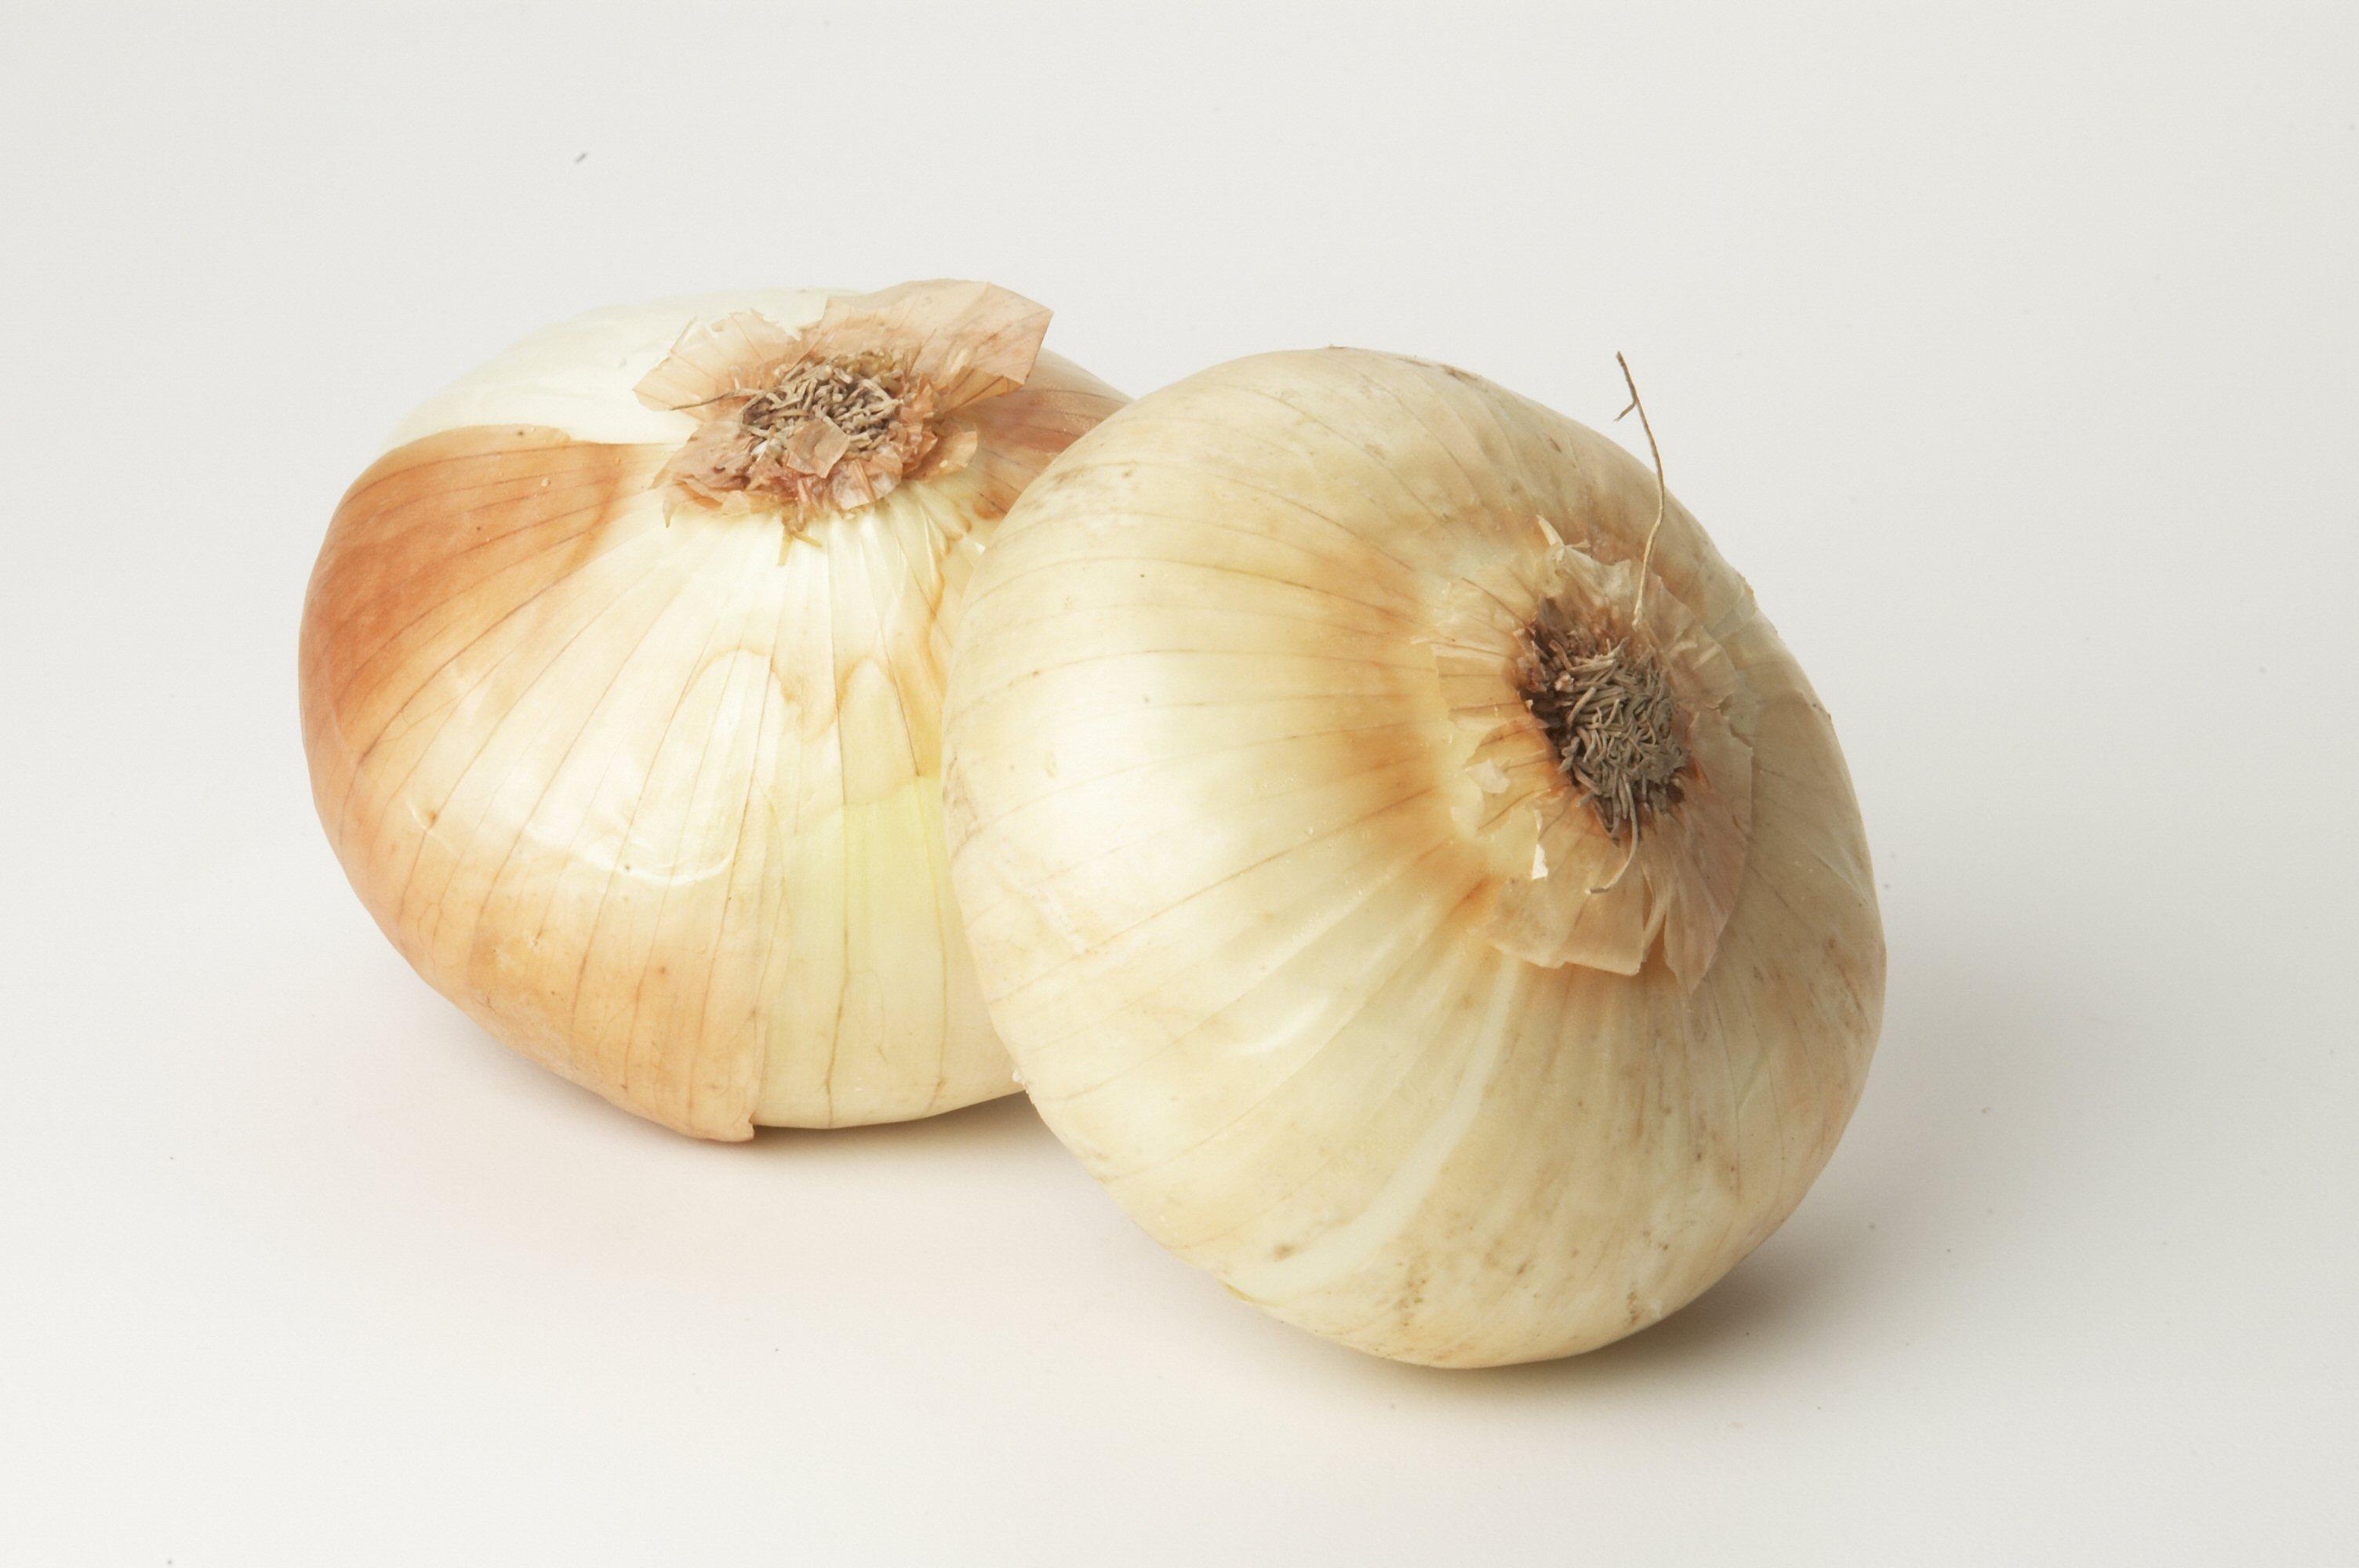 Onion Vidalia